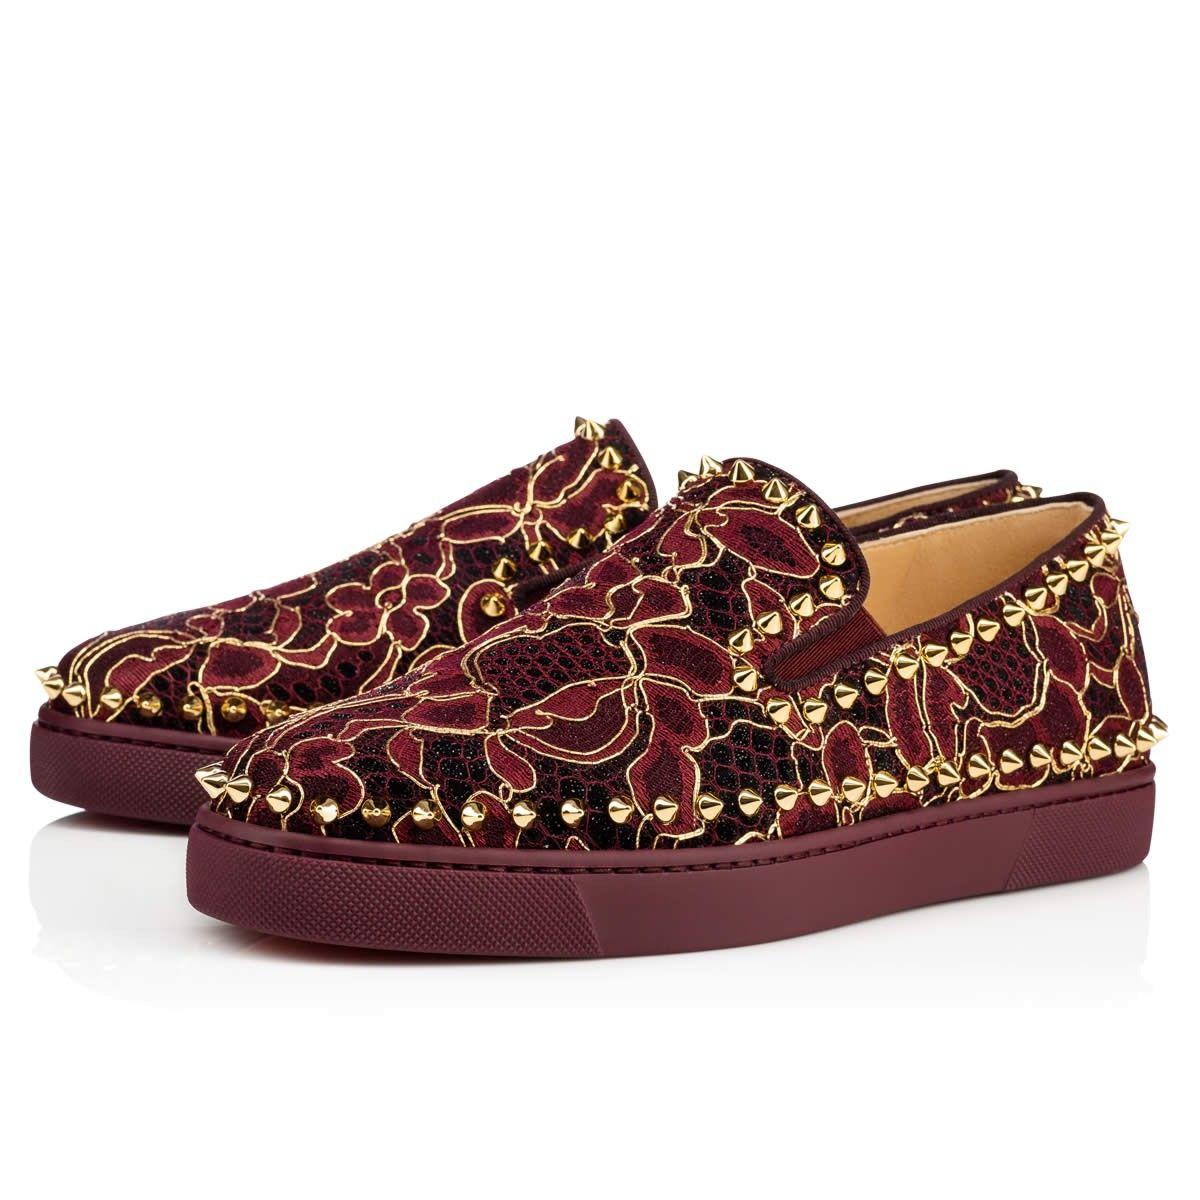 85c6f2b9610 Women Shoes - Pik Boat Woman Flat Vv/dentelle Fil Dor/gg Dentelle ...